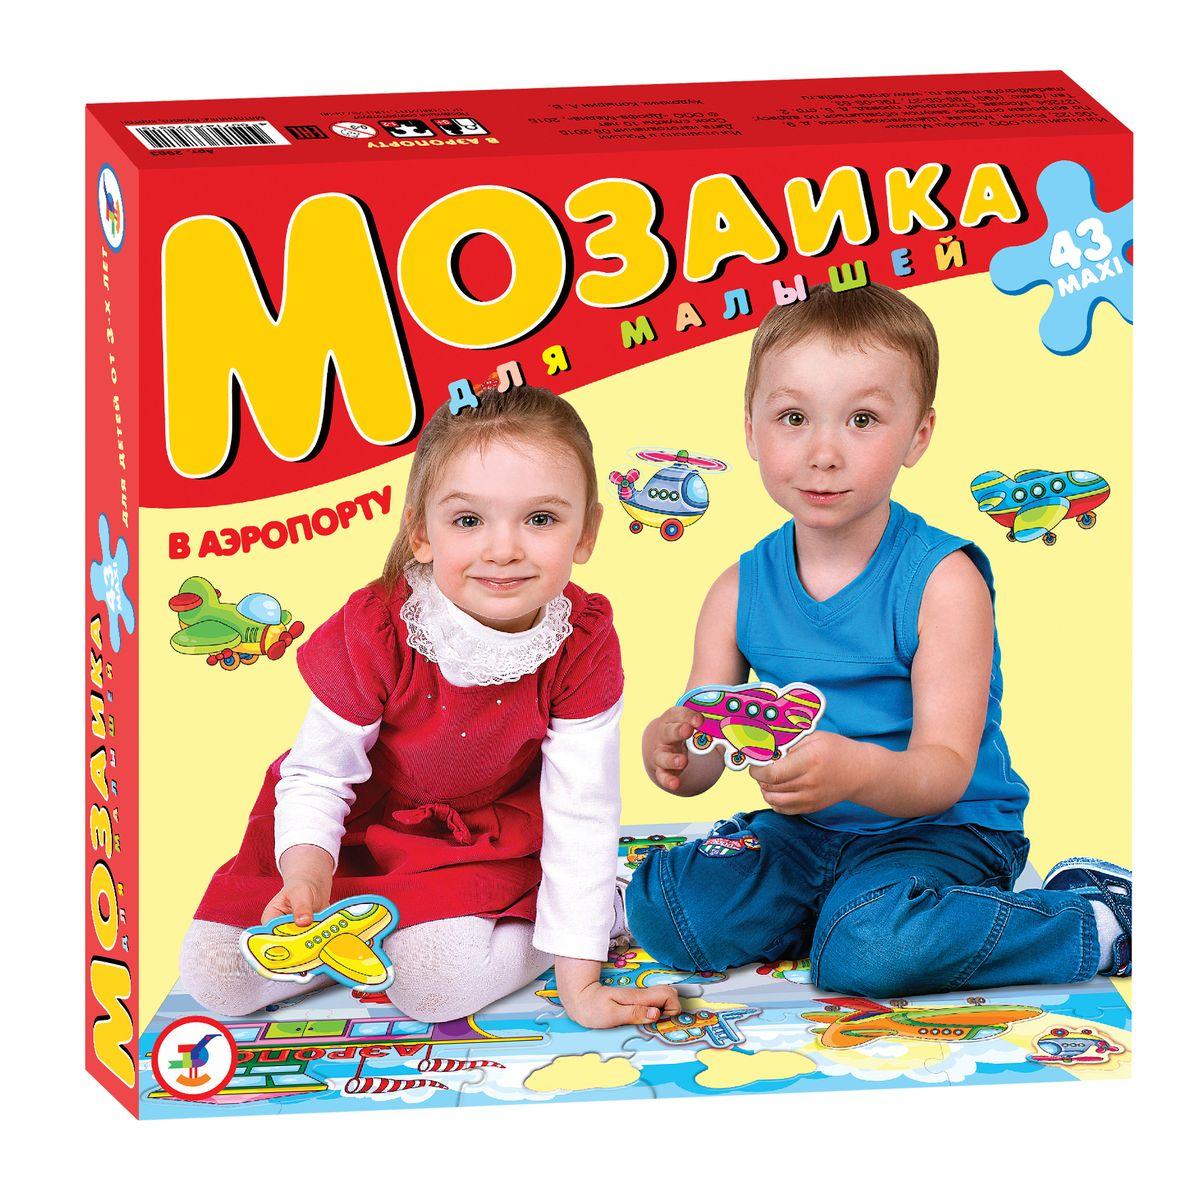 Дрофа-Медиа Пазл для малышей В аэропорту дрофа медиа пазл для малышей играй и собирай 4 в 1 2938